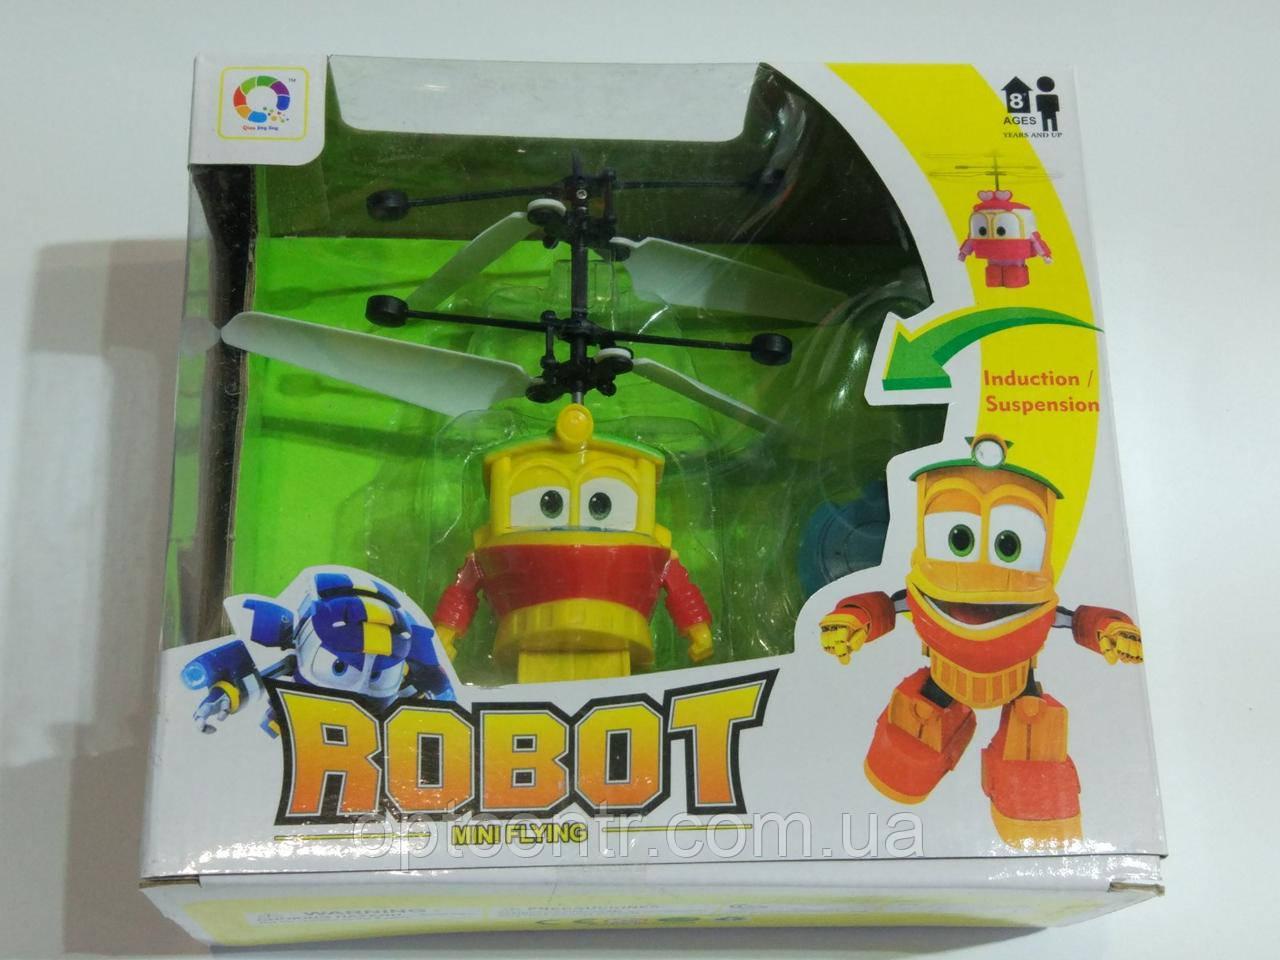 Летающая сенсорная игрушка Роботы-поезда: продажа, цена в ...